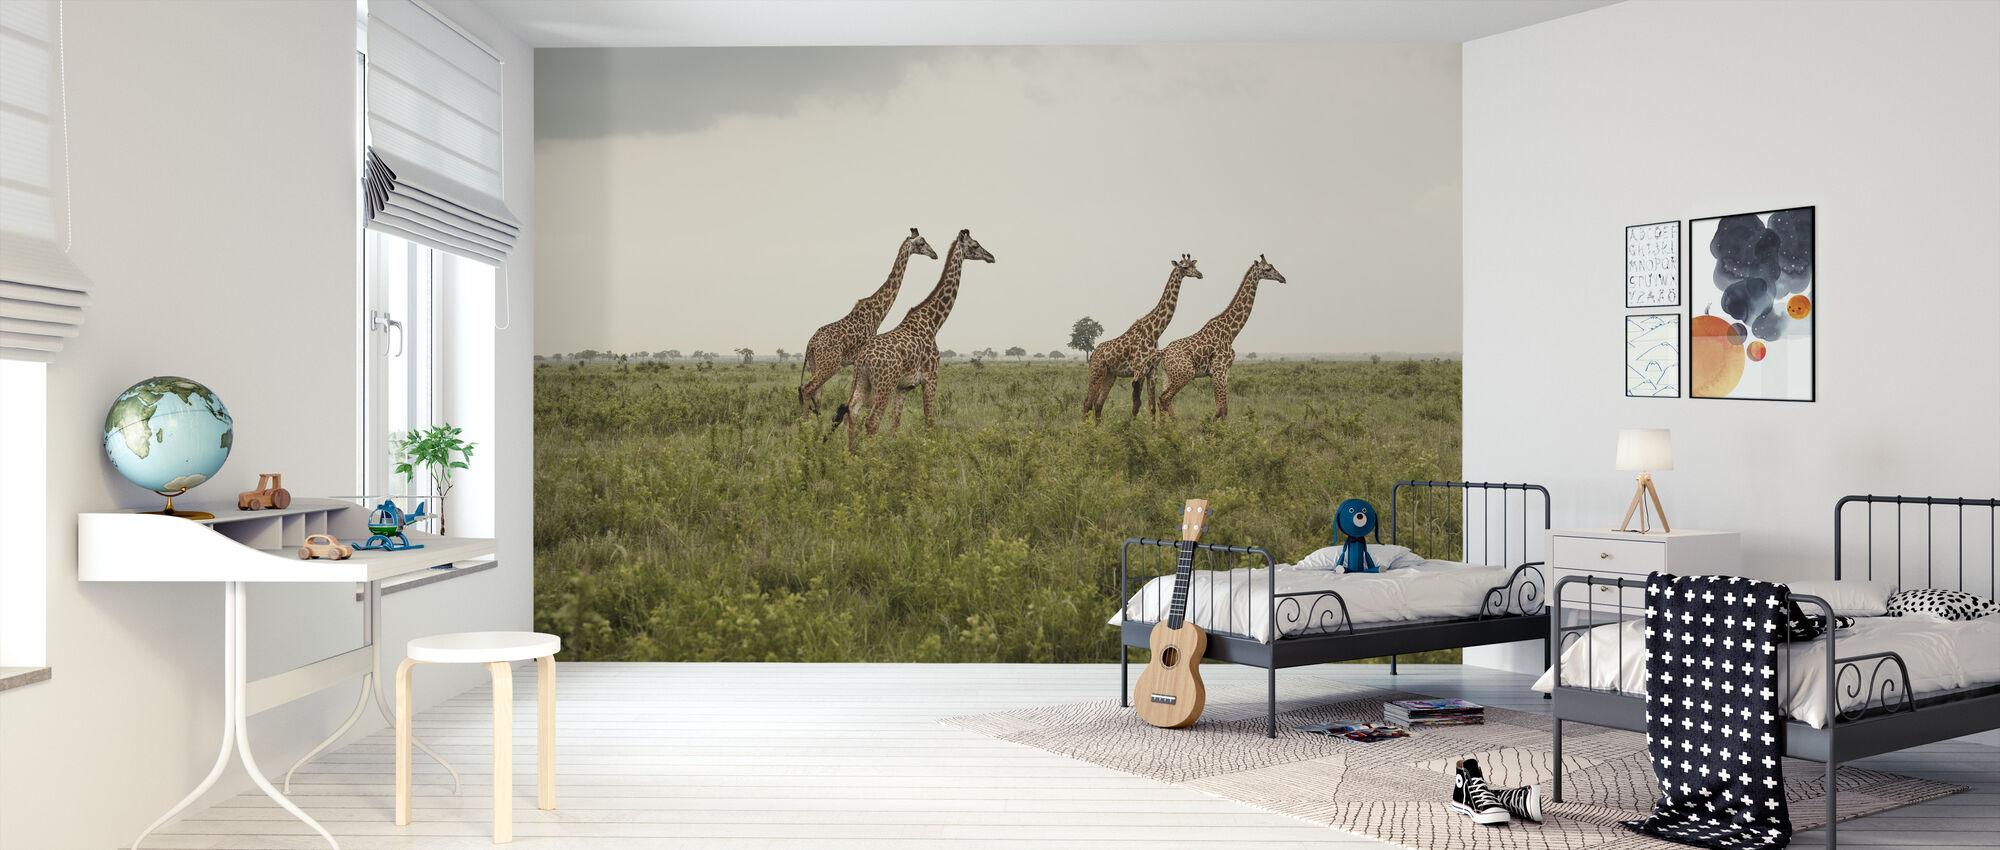 Giraffes in National Park - Wallpaper - Kids Room